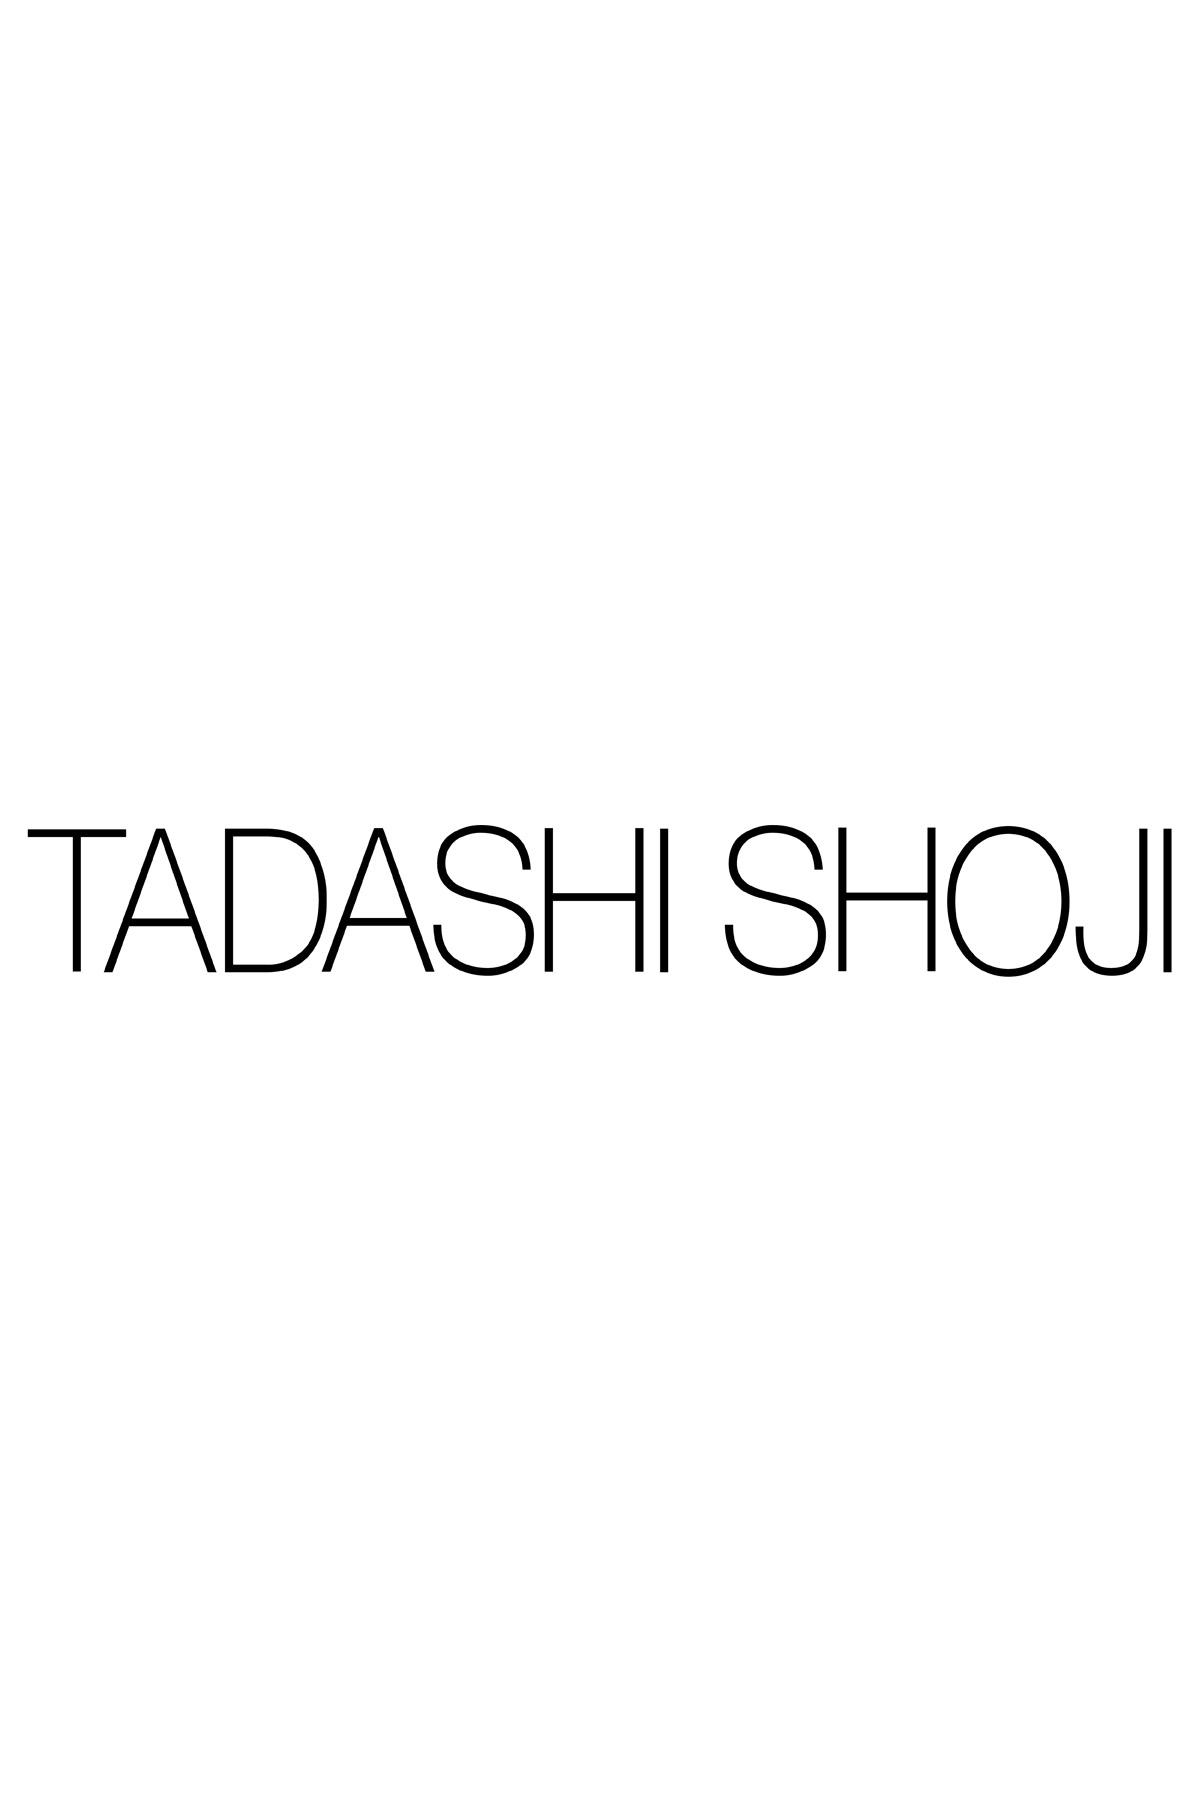 Tadashi Shoji - Busonita Embroidered Dress